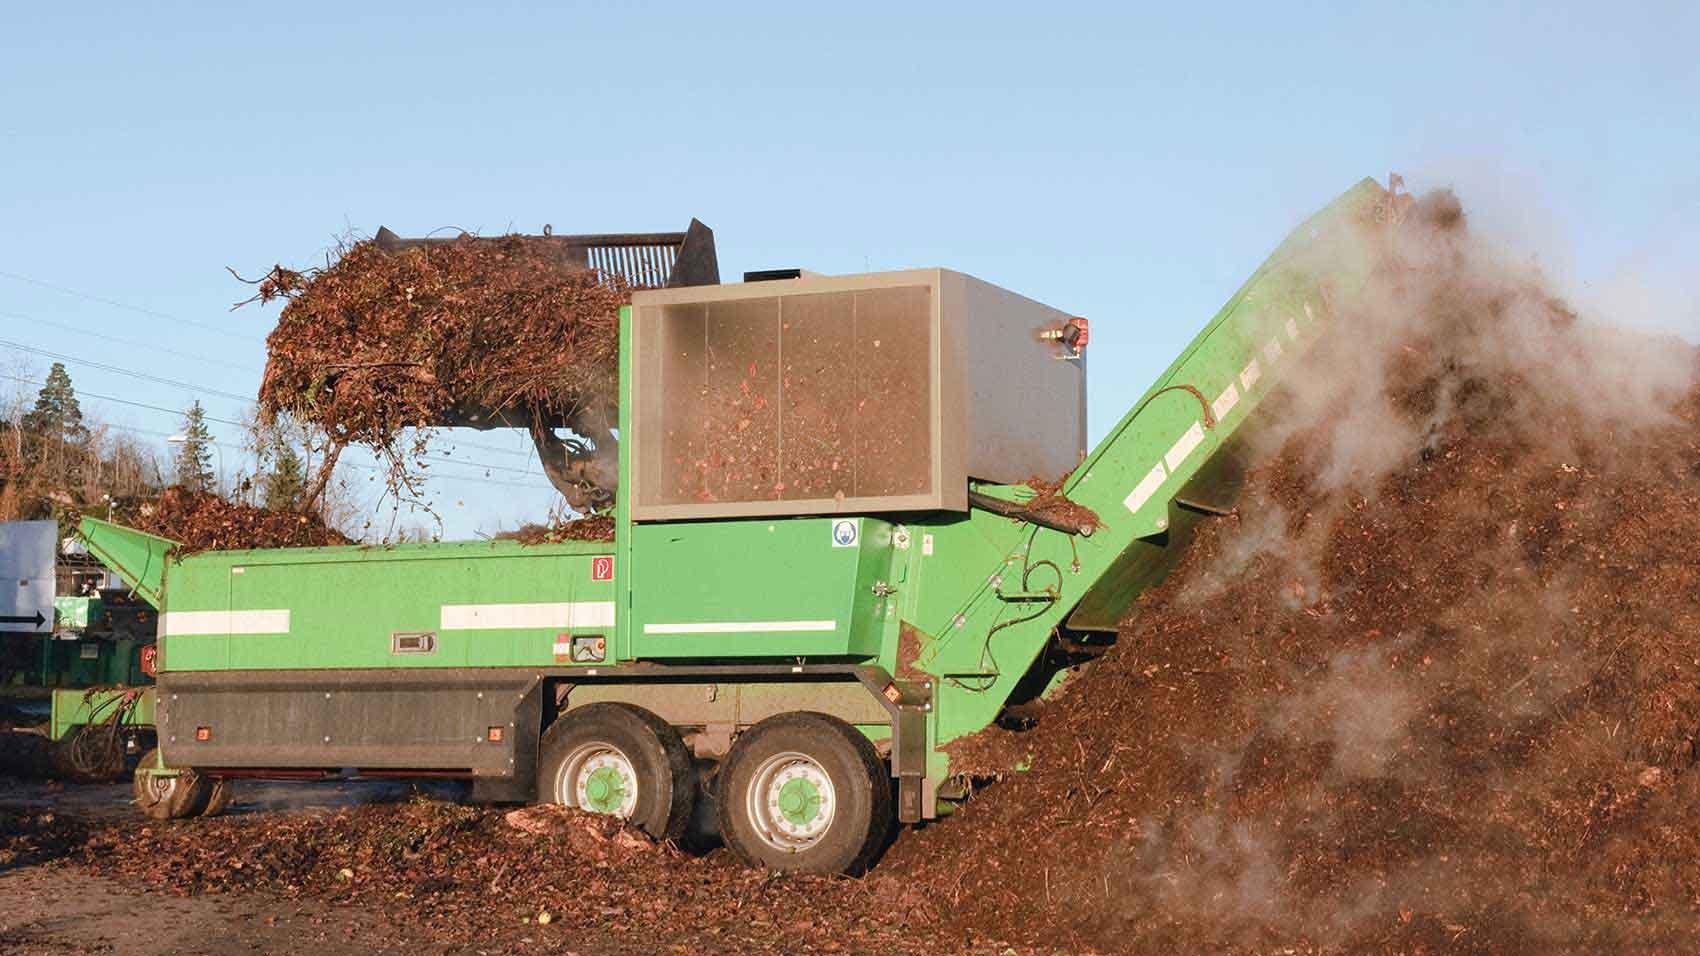 SC Johnson reduce los residuos de vertedero con bolsas para desecho orgánico Ziploc